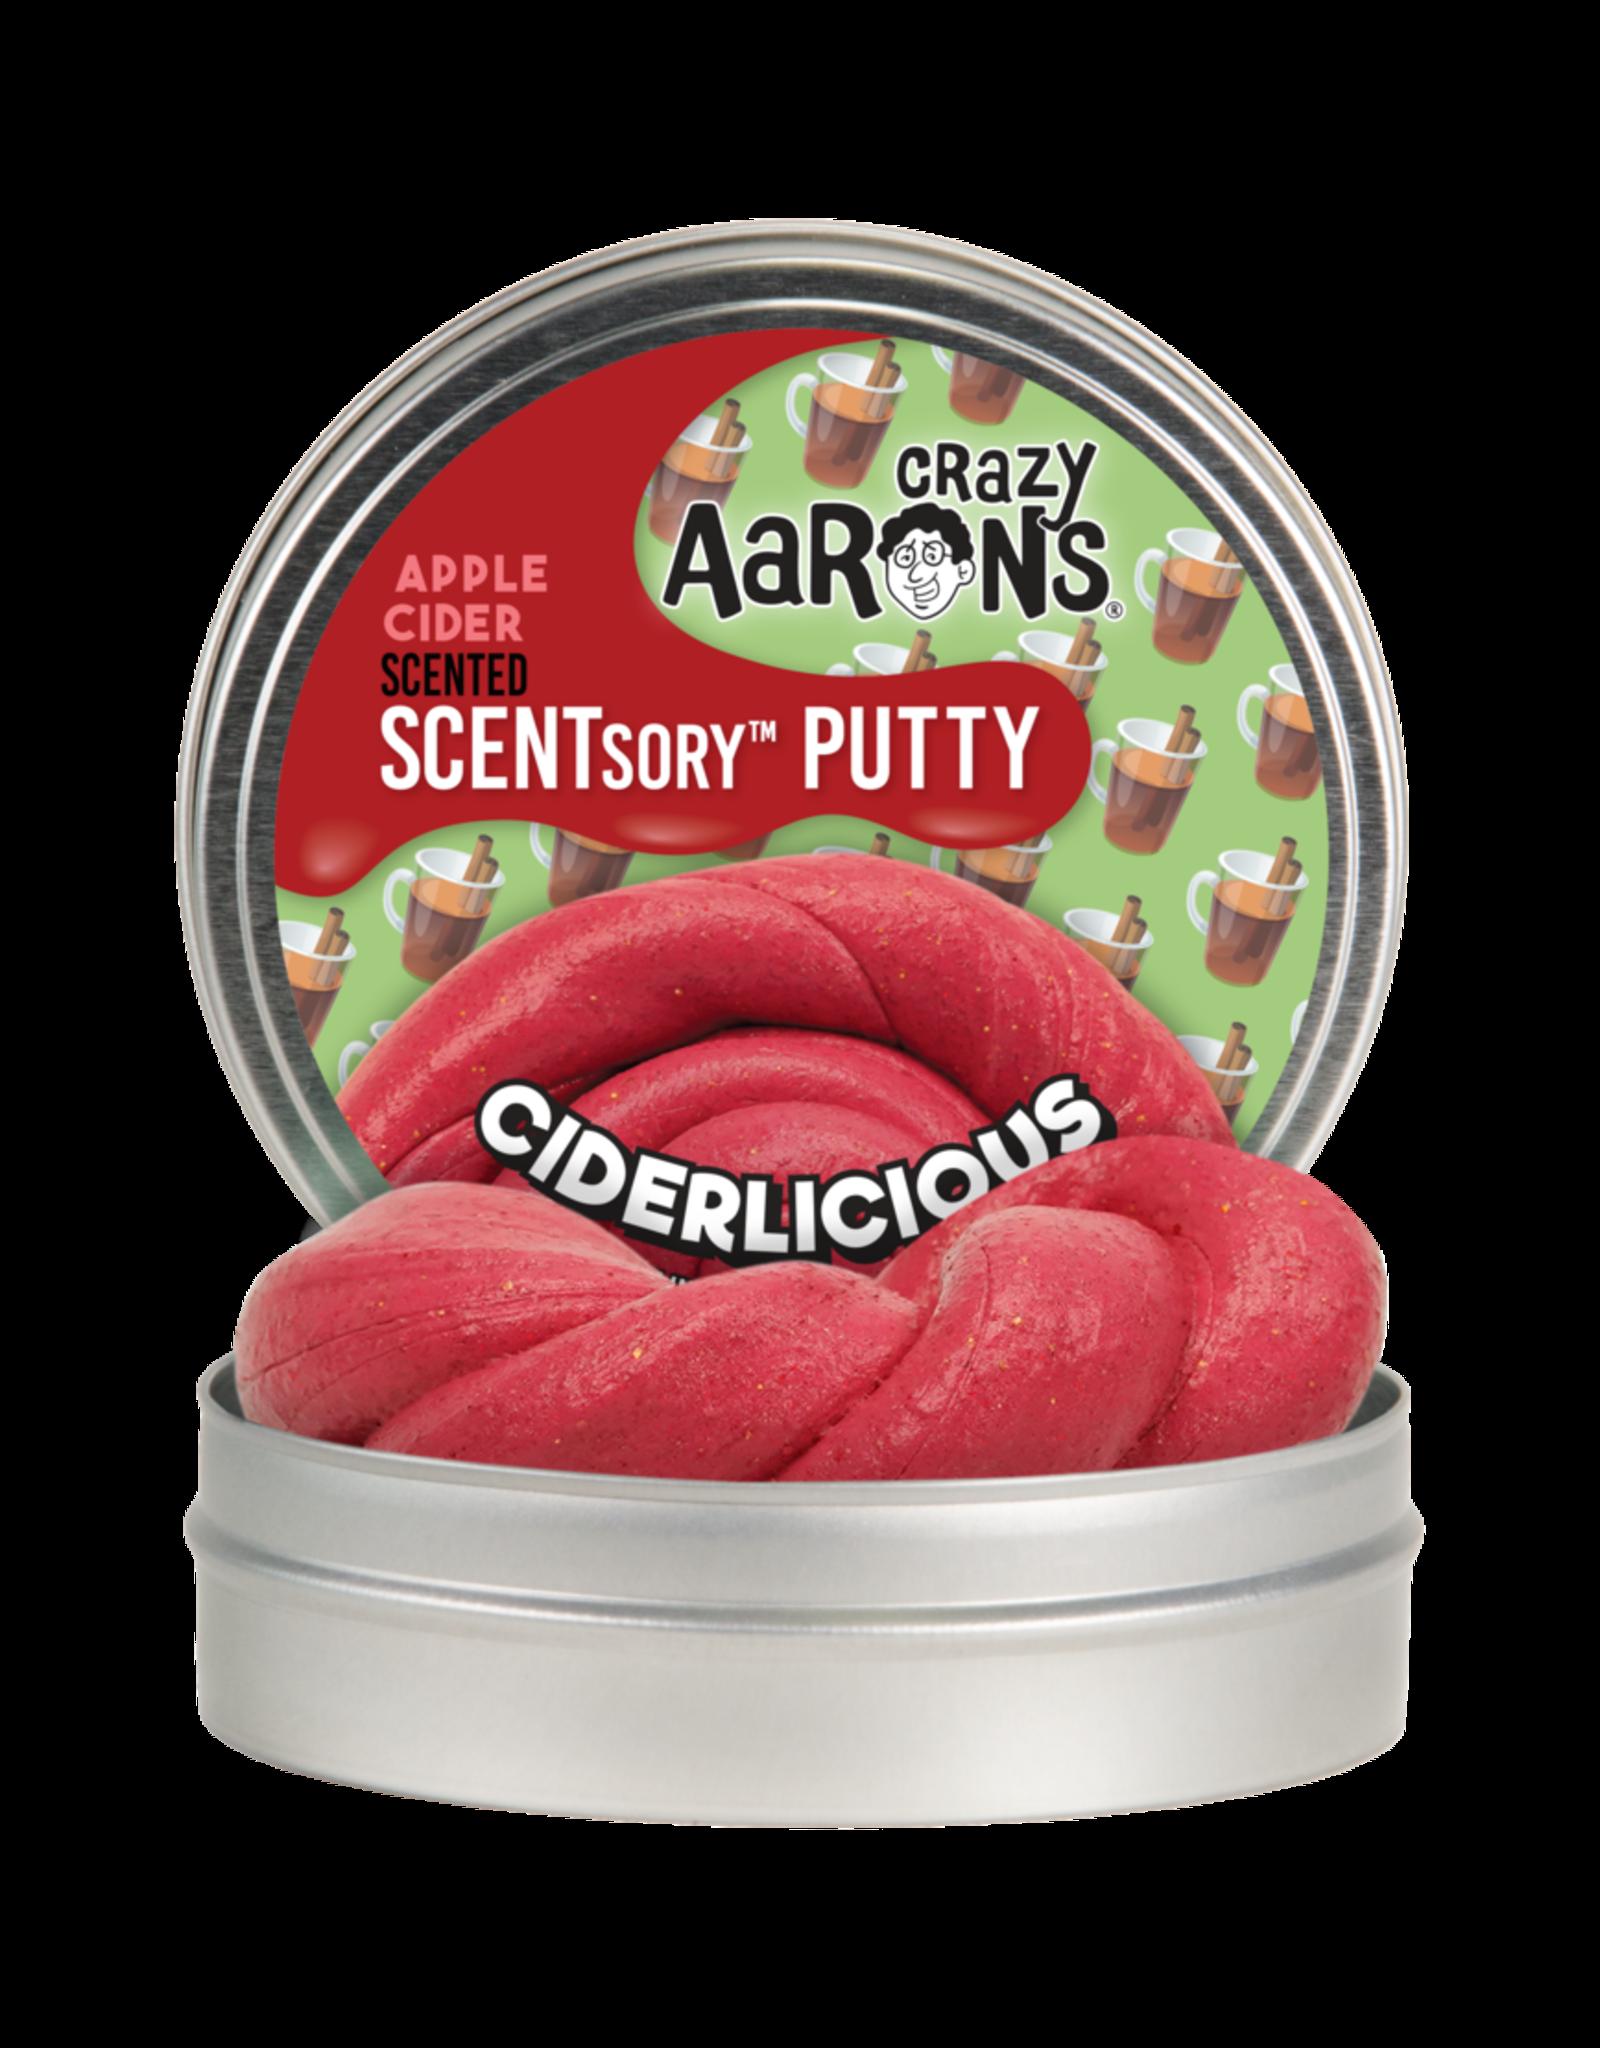 Crazy Aaron's Crazy Aaron's Ciderlicious - Scented